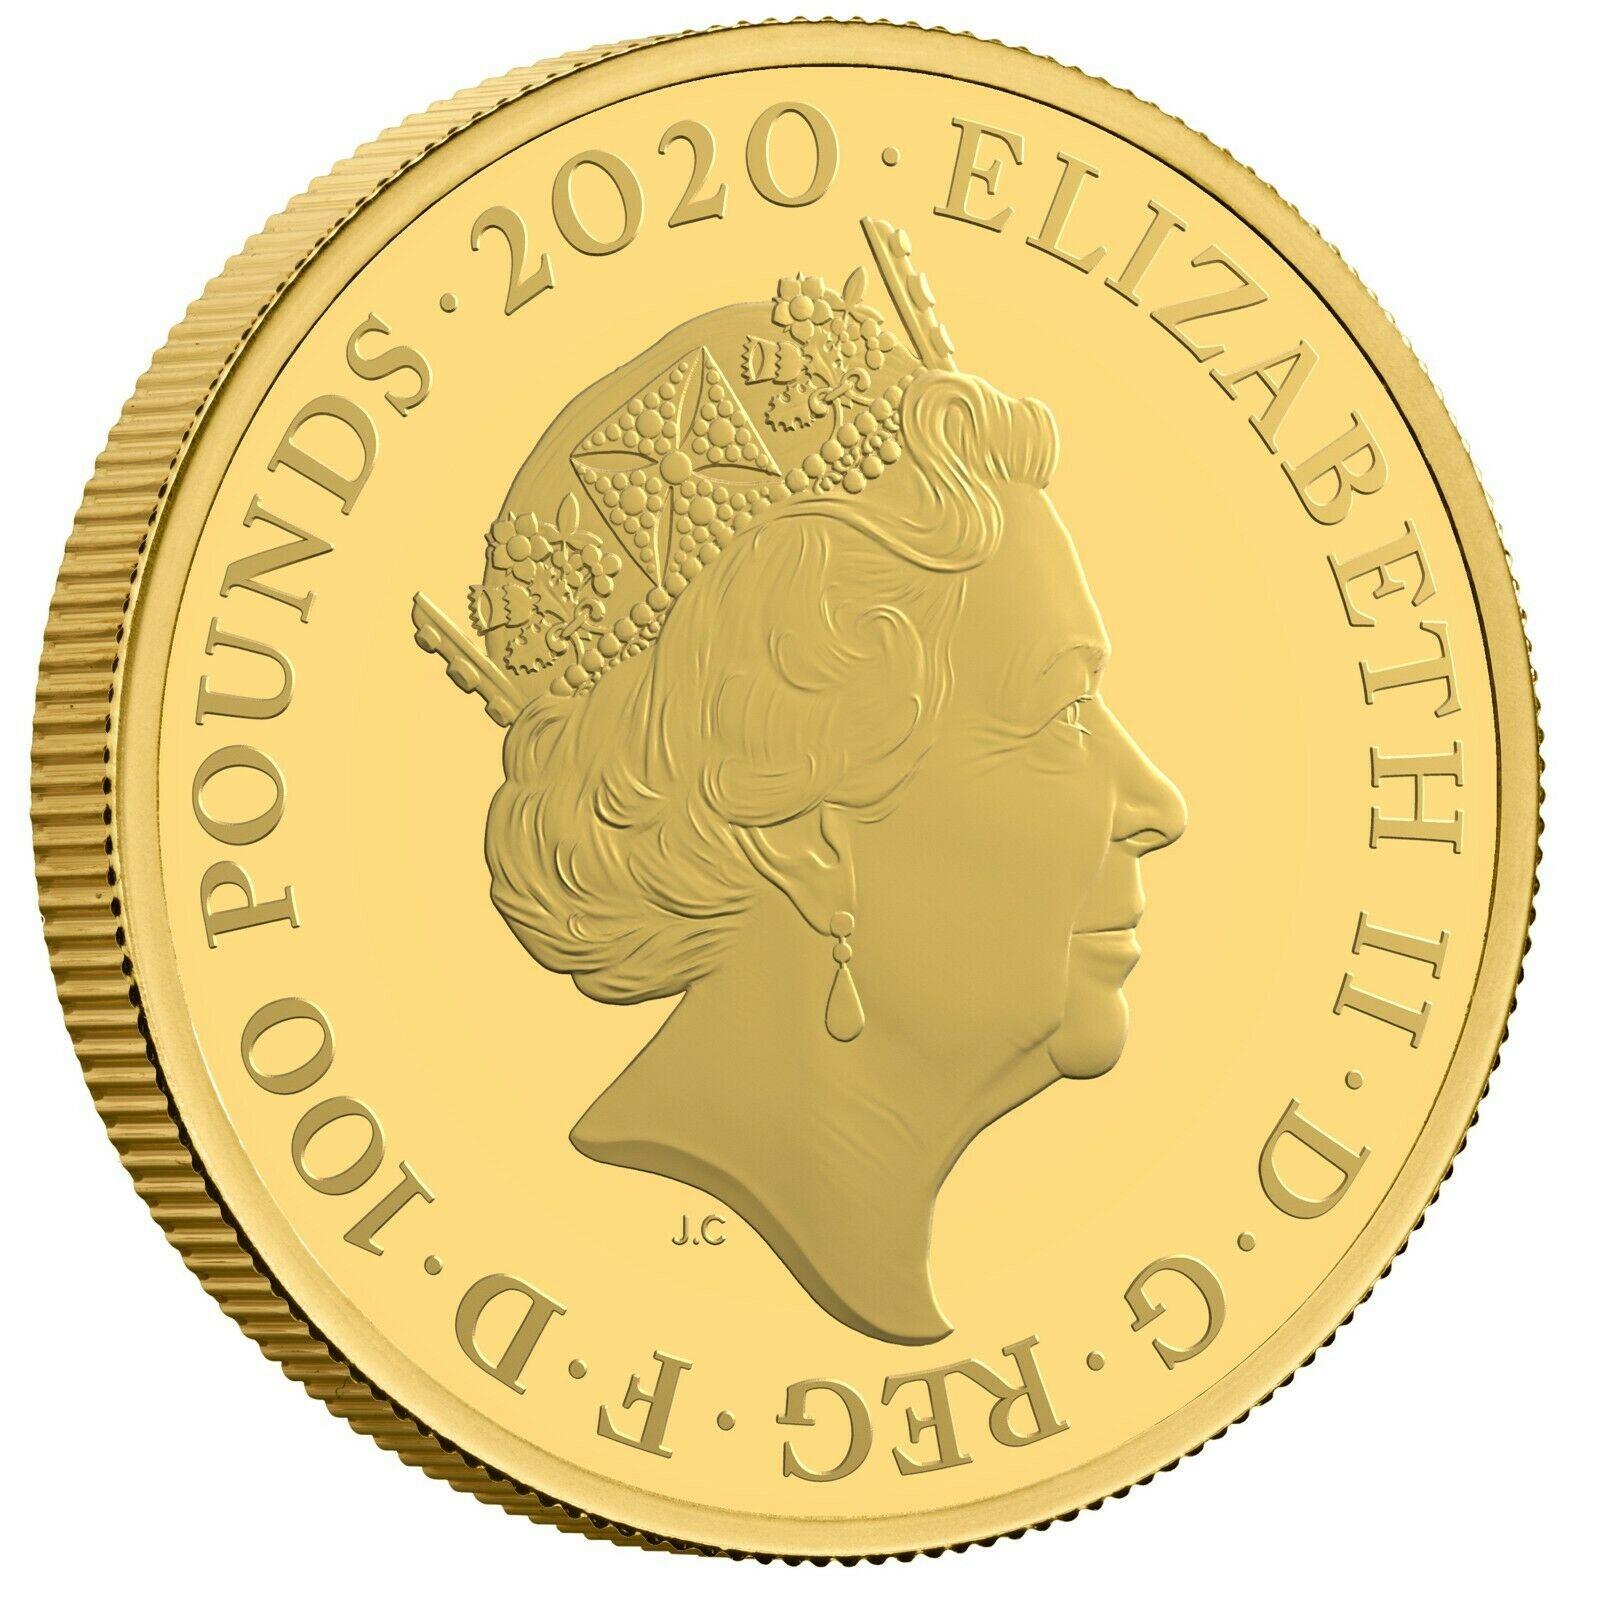 グレートブリテン2020年エリザベスII世1オンス100ポンドプルーフ純金金貨ジェームズボンド007PCGS-PR70DCAM-39343701